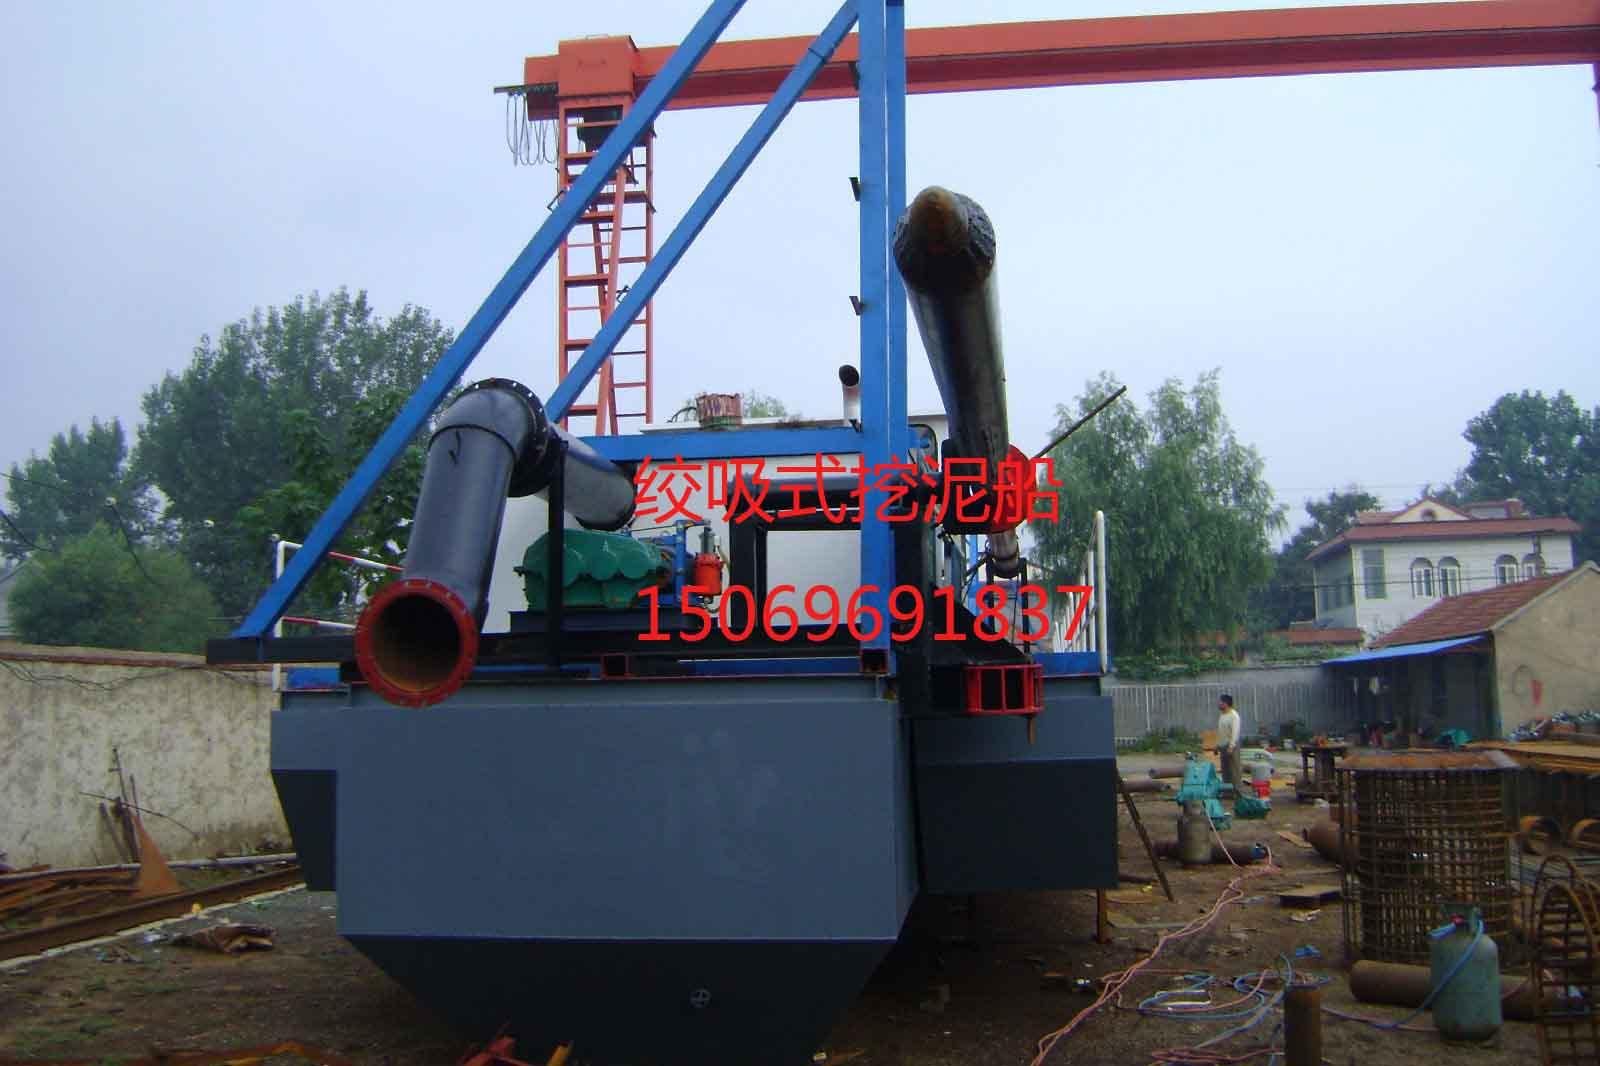 绞吸式挖泥船,中小型绞吸式挖泥船